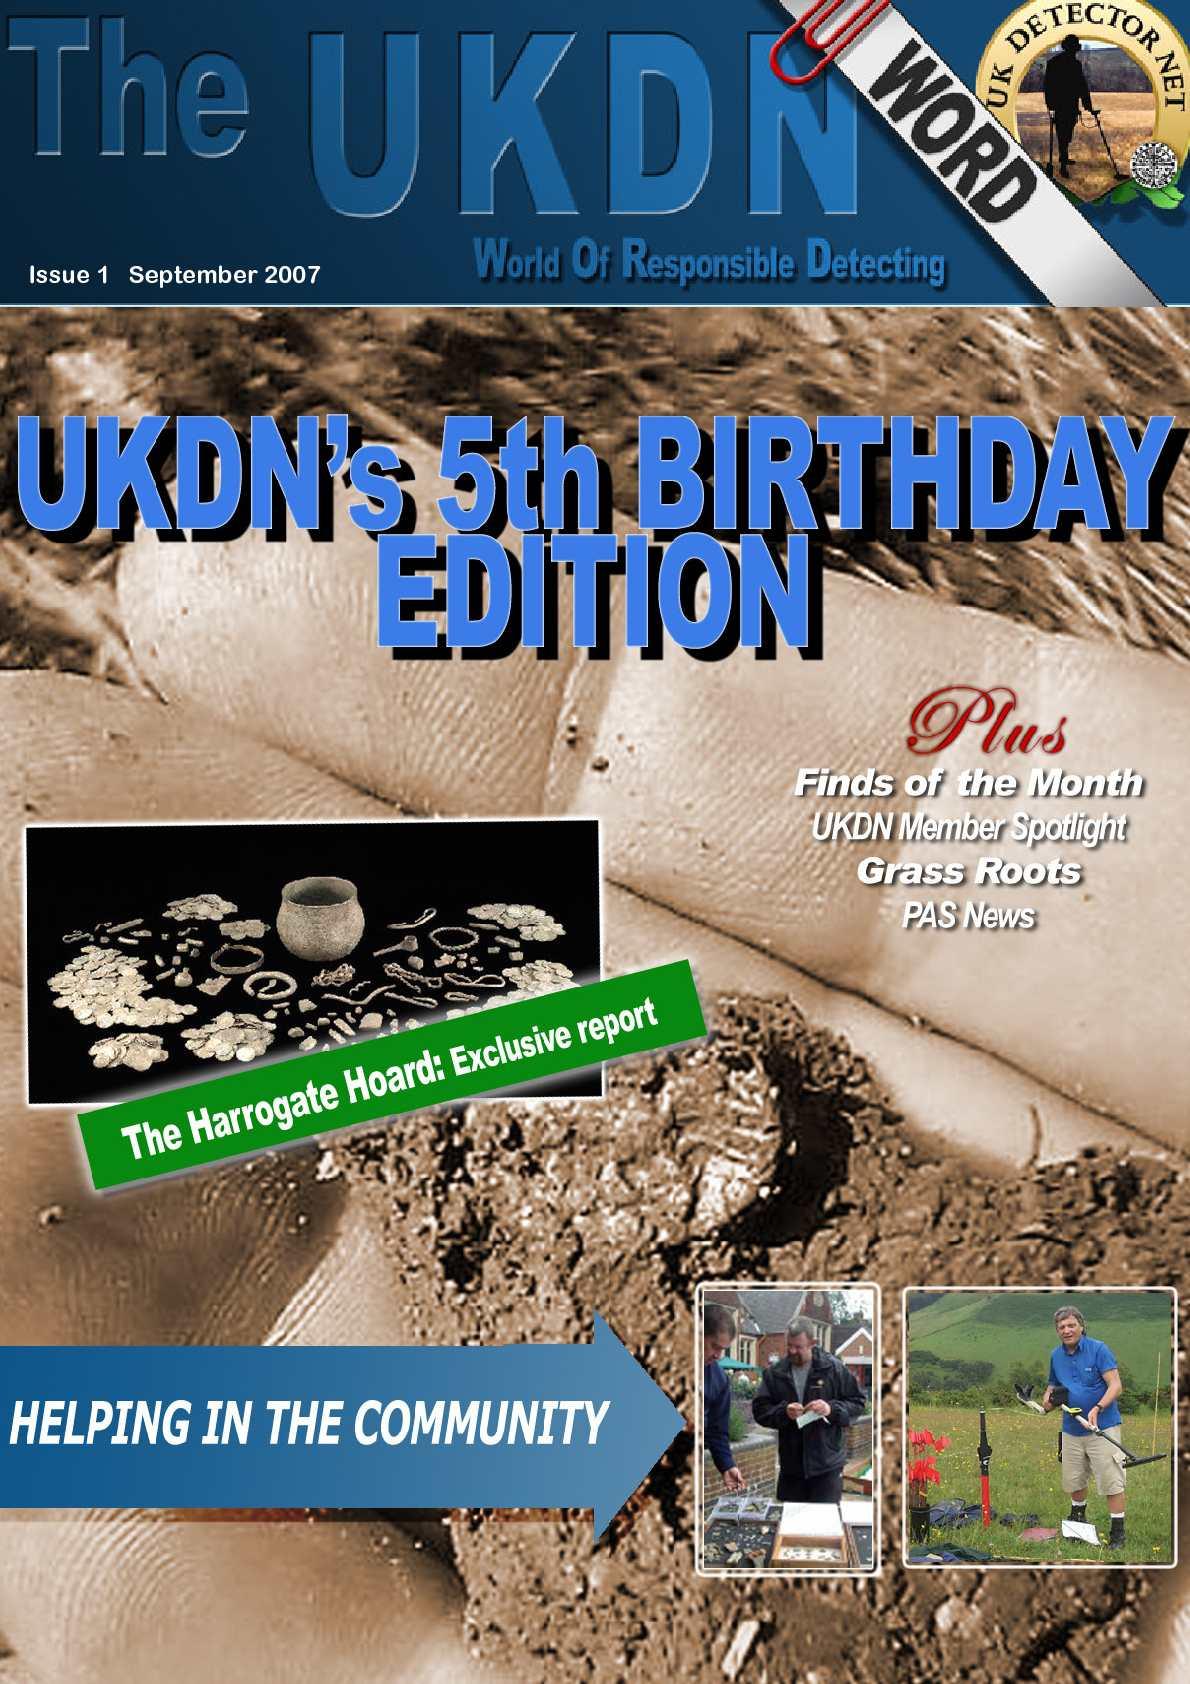 UKDN Word Issue 1 September 2007